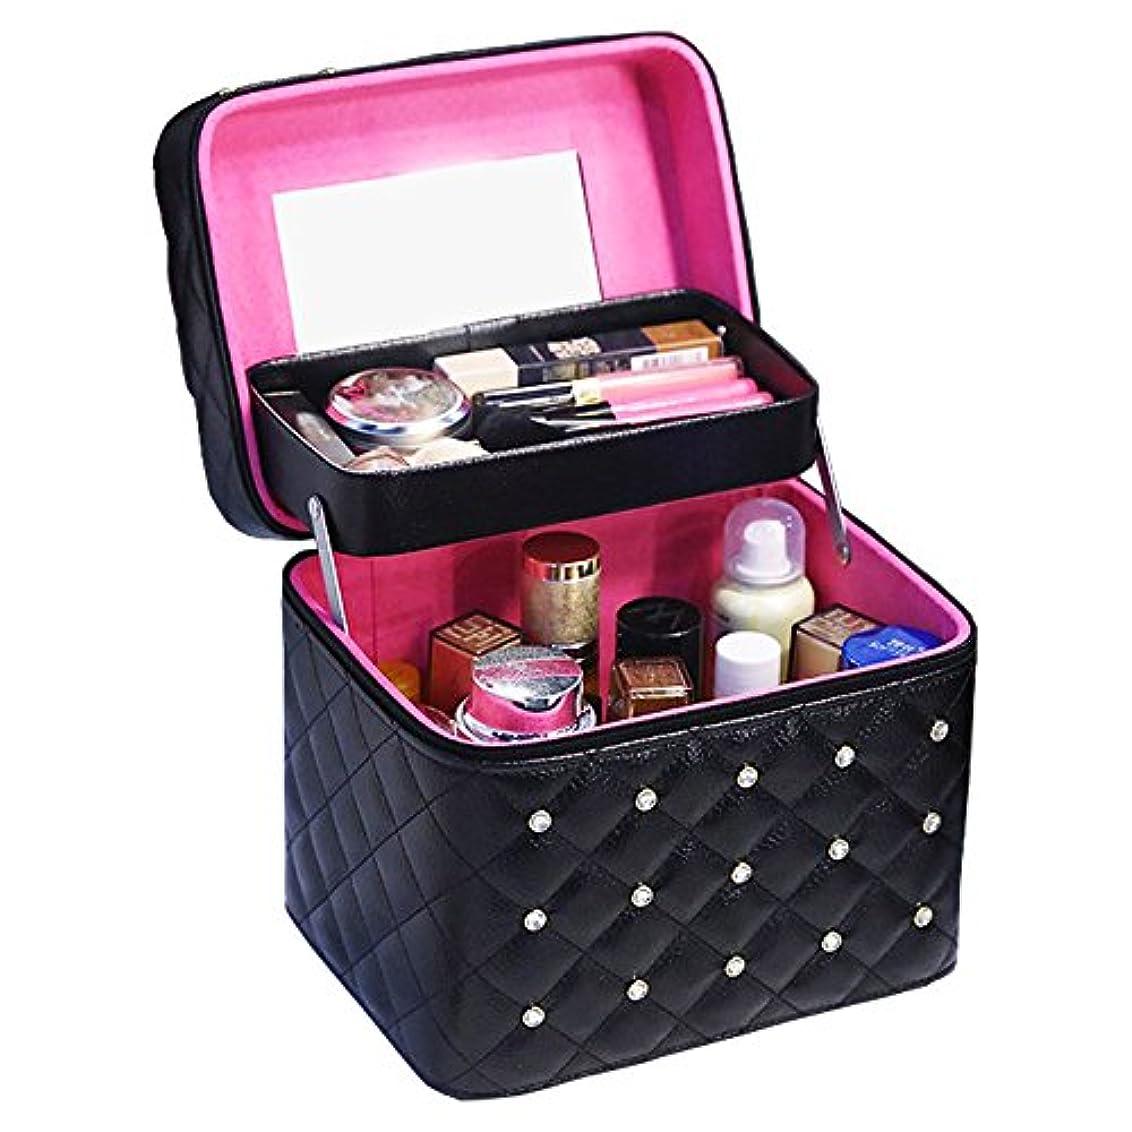 発行ぴったり保持Twinkle goods (ツインクルグッズ) メイクボックス コスメボックス 化粧品 収納 PUレザー お洒落なデザイン メイク道具をすっきり収納 携帯にも 2段タイプ